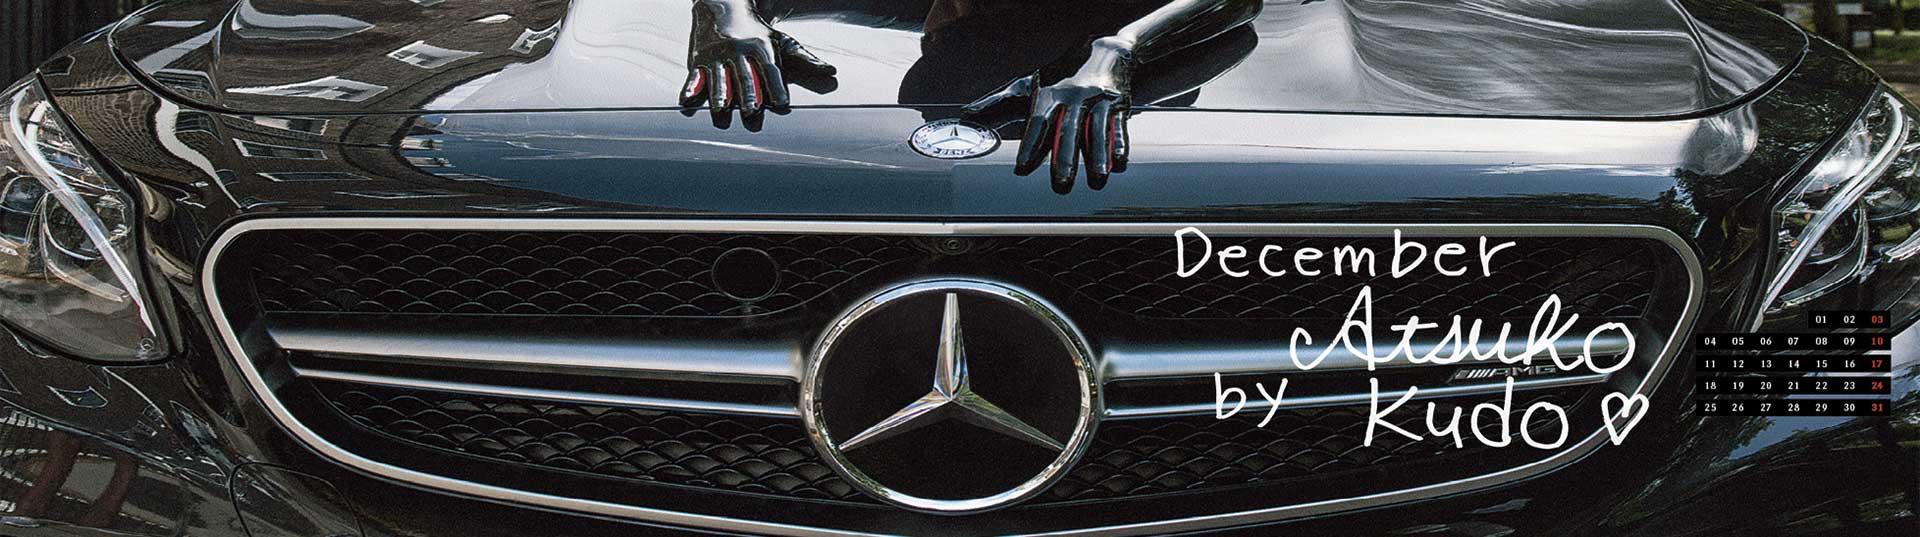 Calendário Mercedes 2017